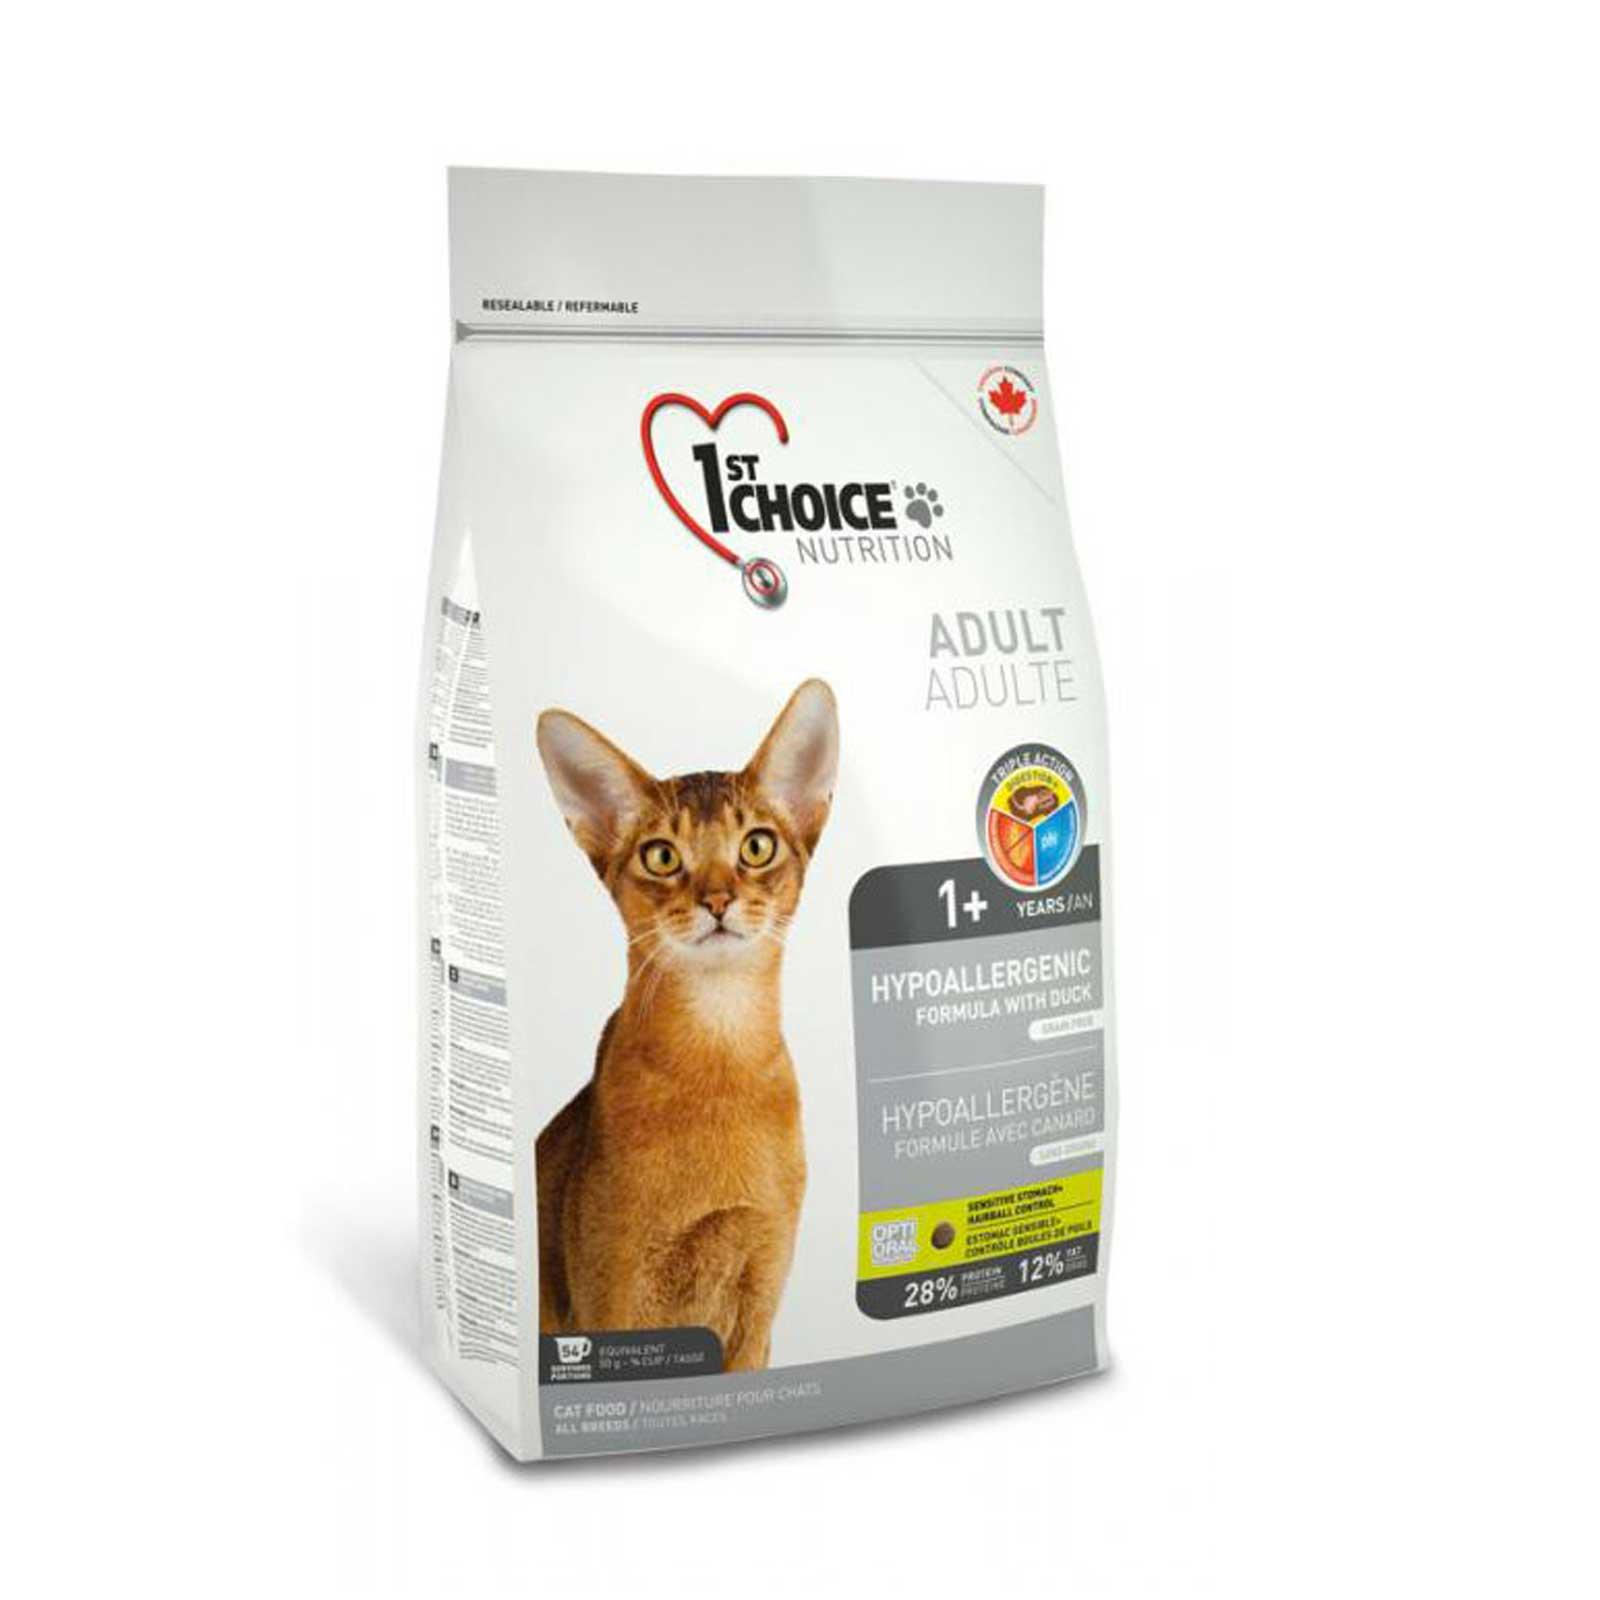 1st Choice Cat Hypoallergenic 2,72 kg. - Crocchette per gatti adulti, formula ipoallergenica senza cereali